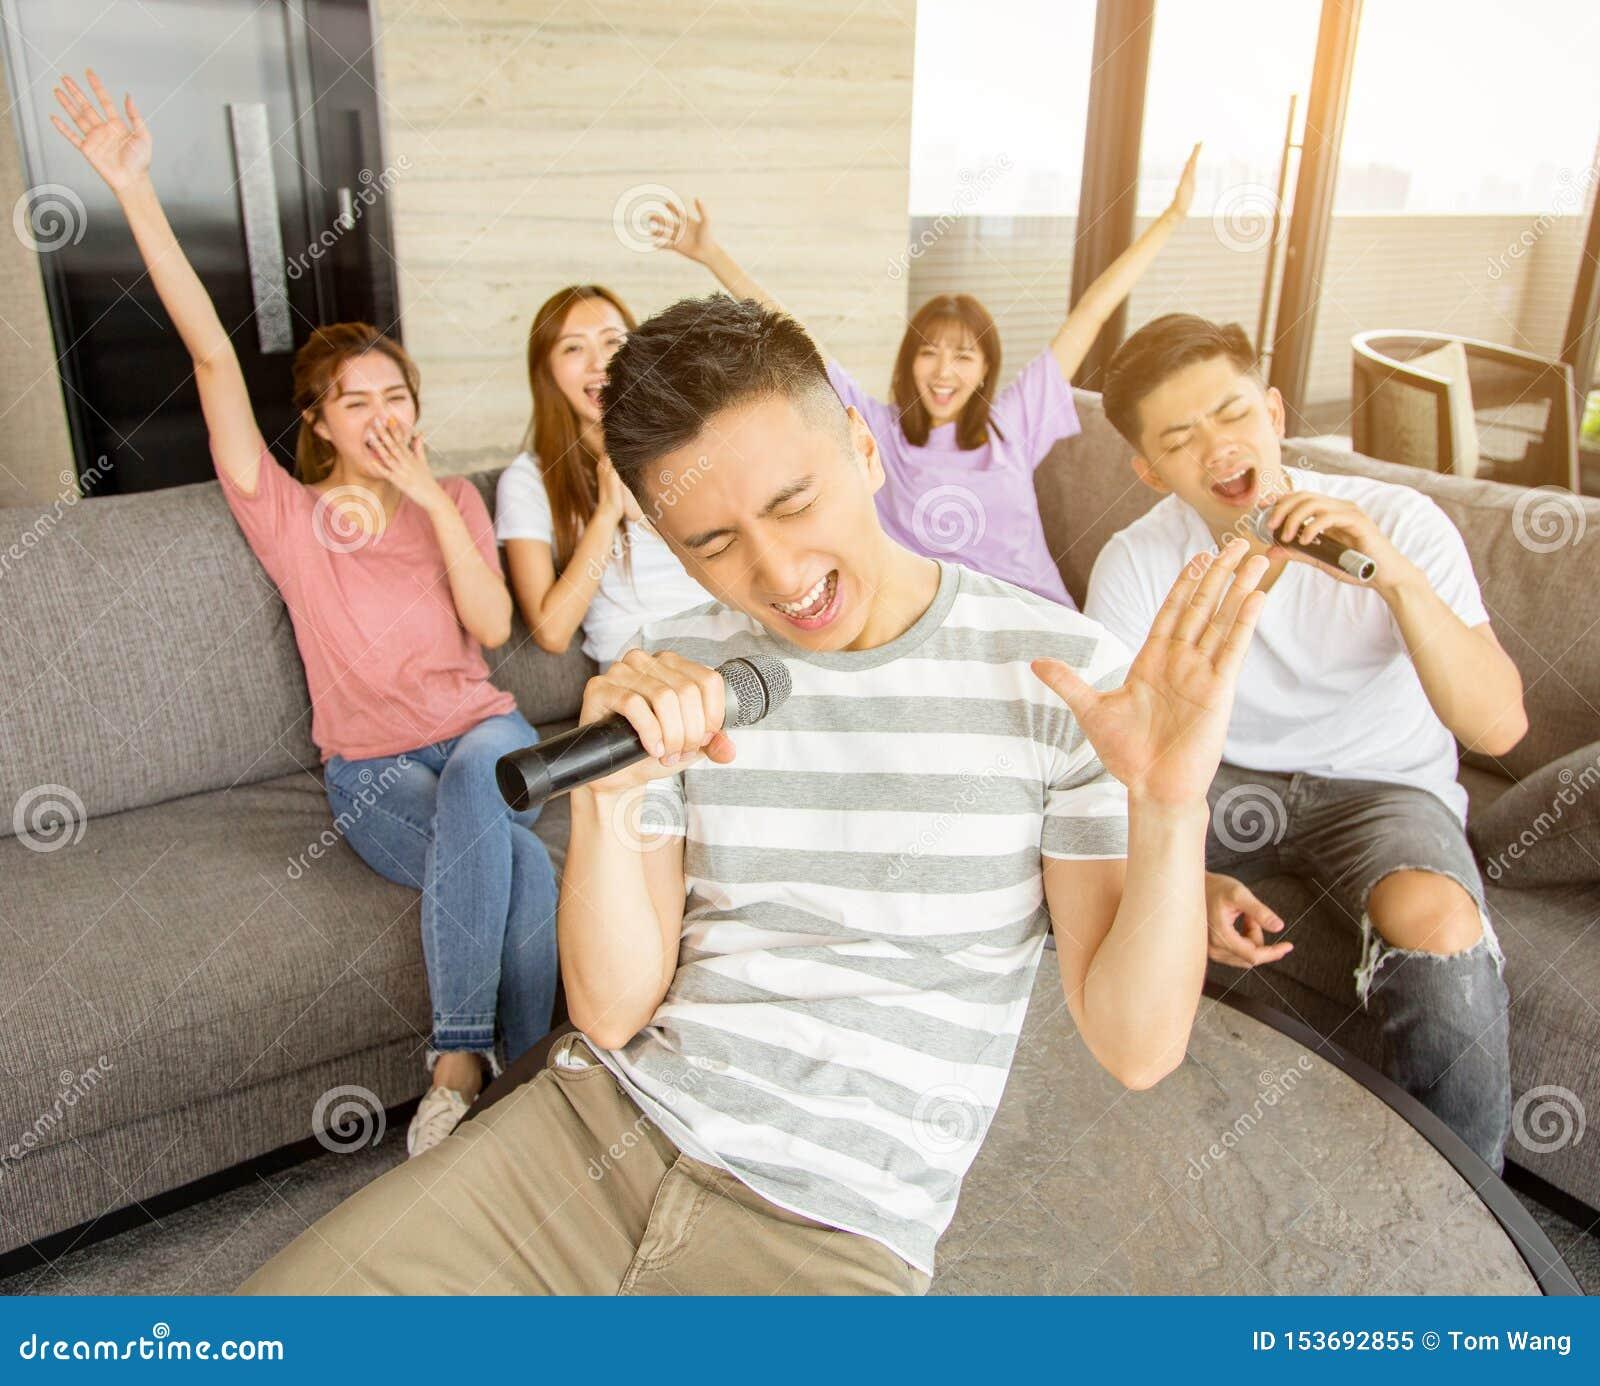 Grupa przyjaciele bawi? si? karaoke w domu